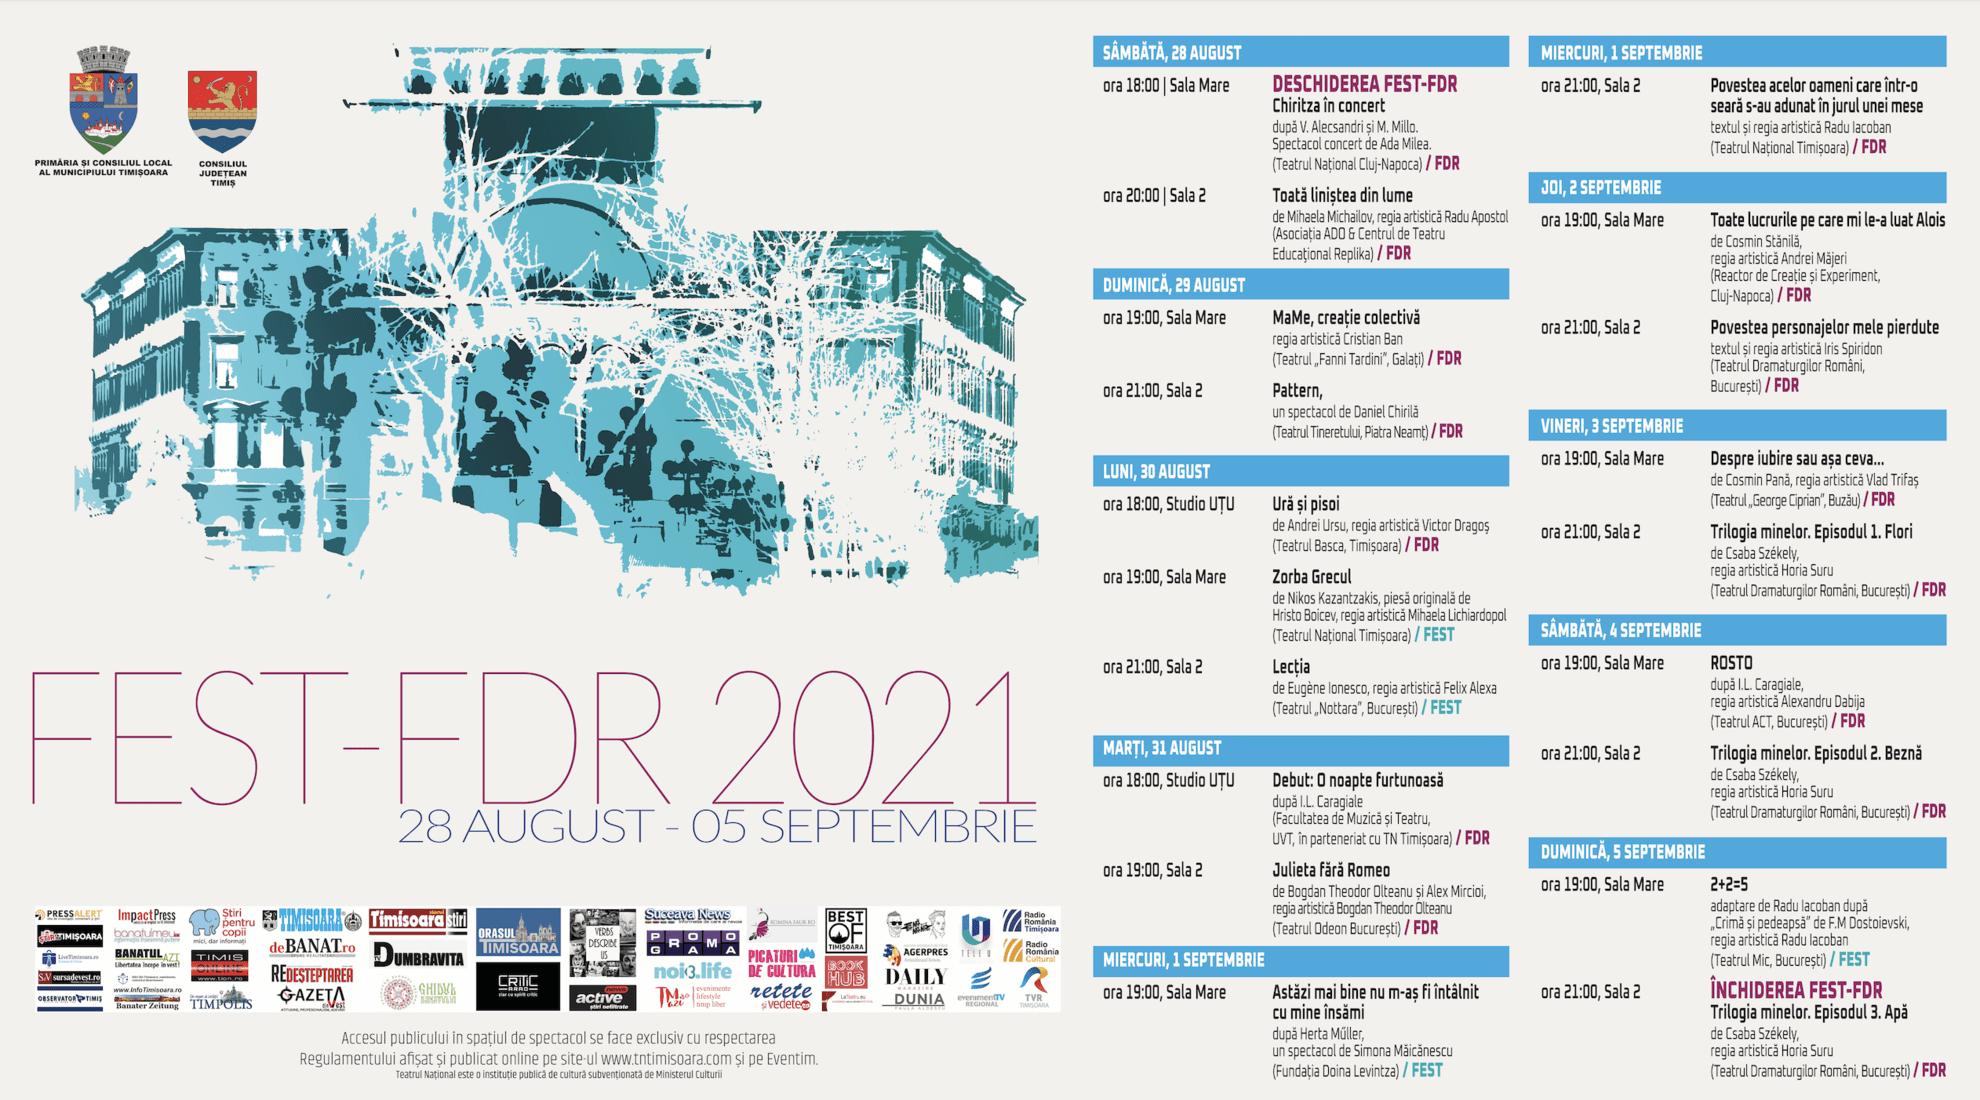 program fest fdr 2021